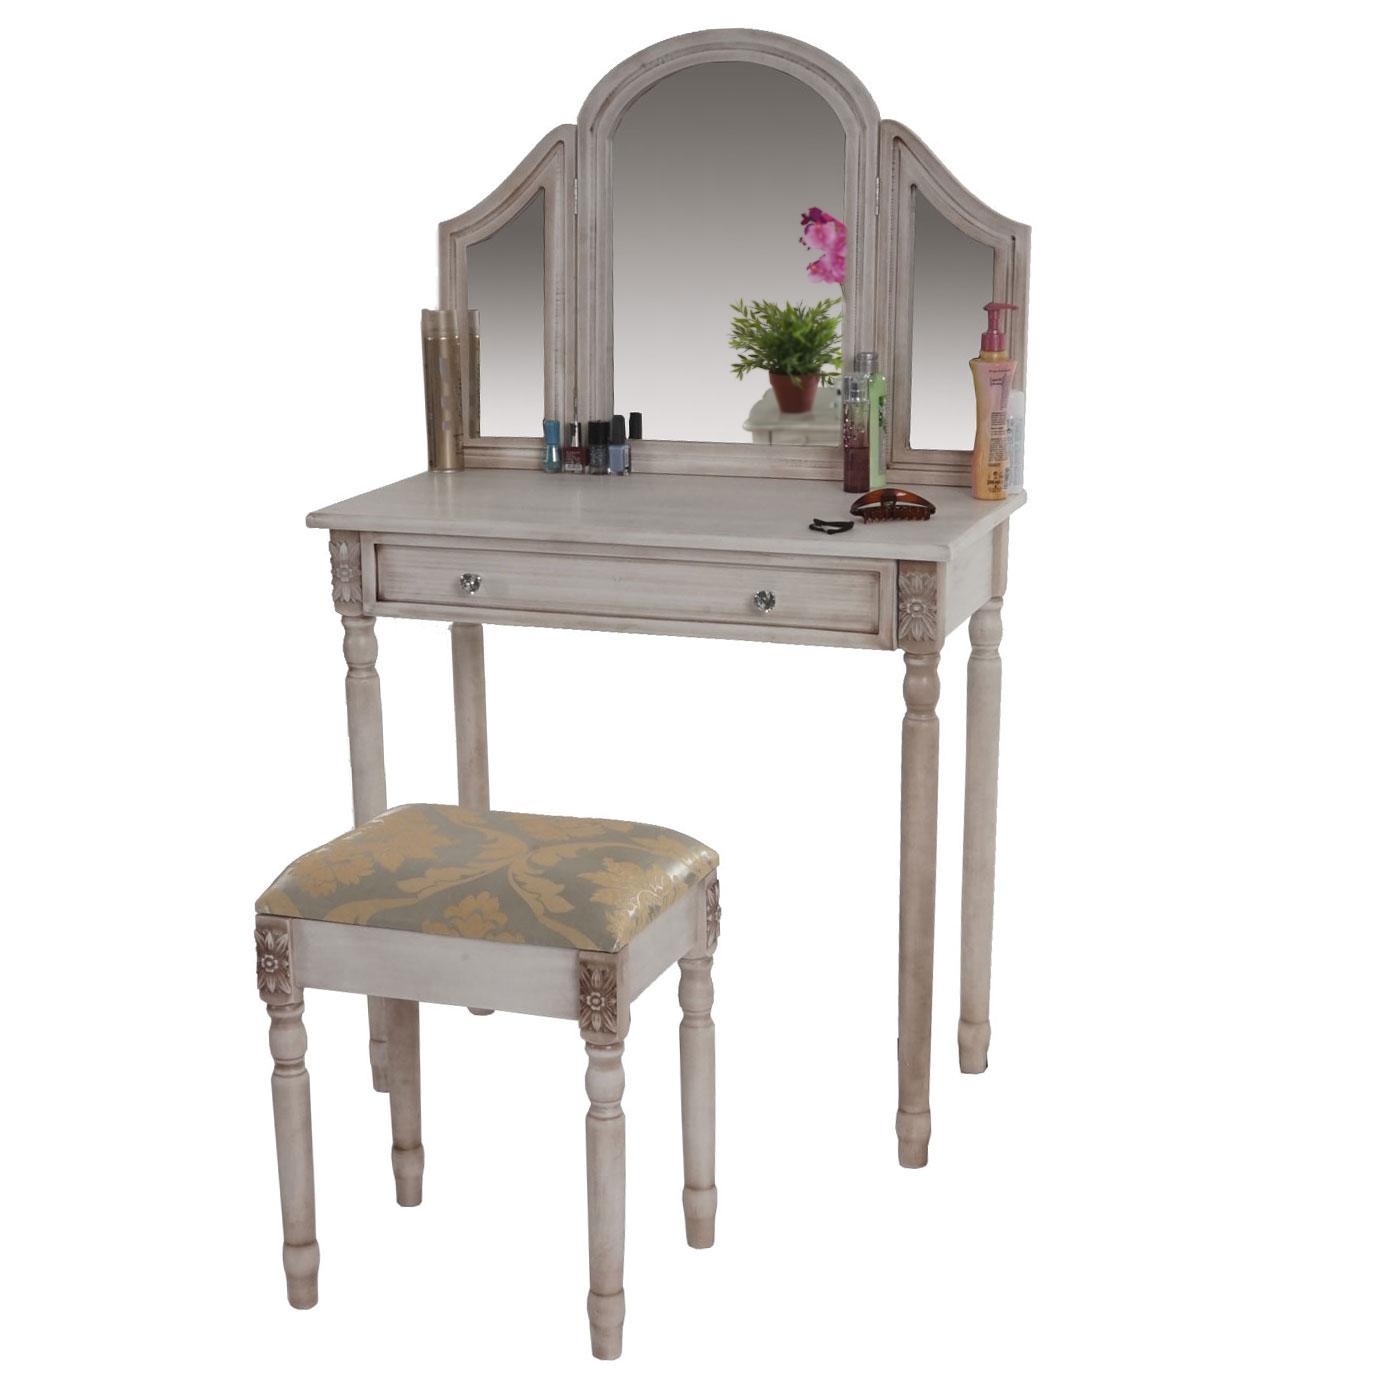 schminktisch gela frisiertisch mit hocker kosmetiktisch. Black Bedroom Furniture Sets. Home Design Ideas